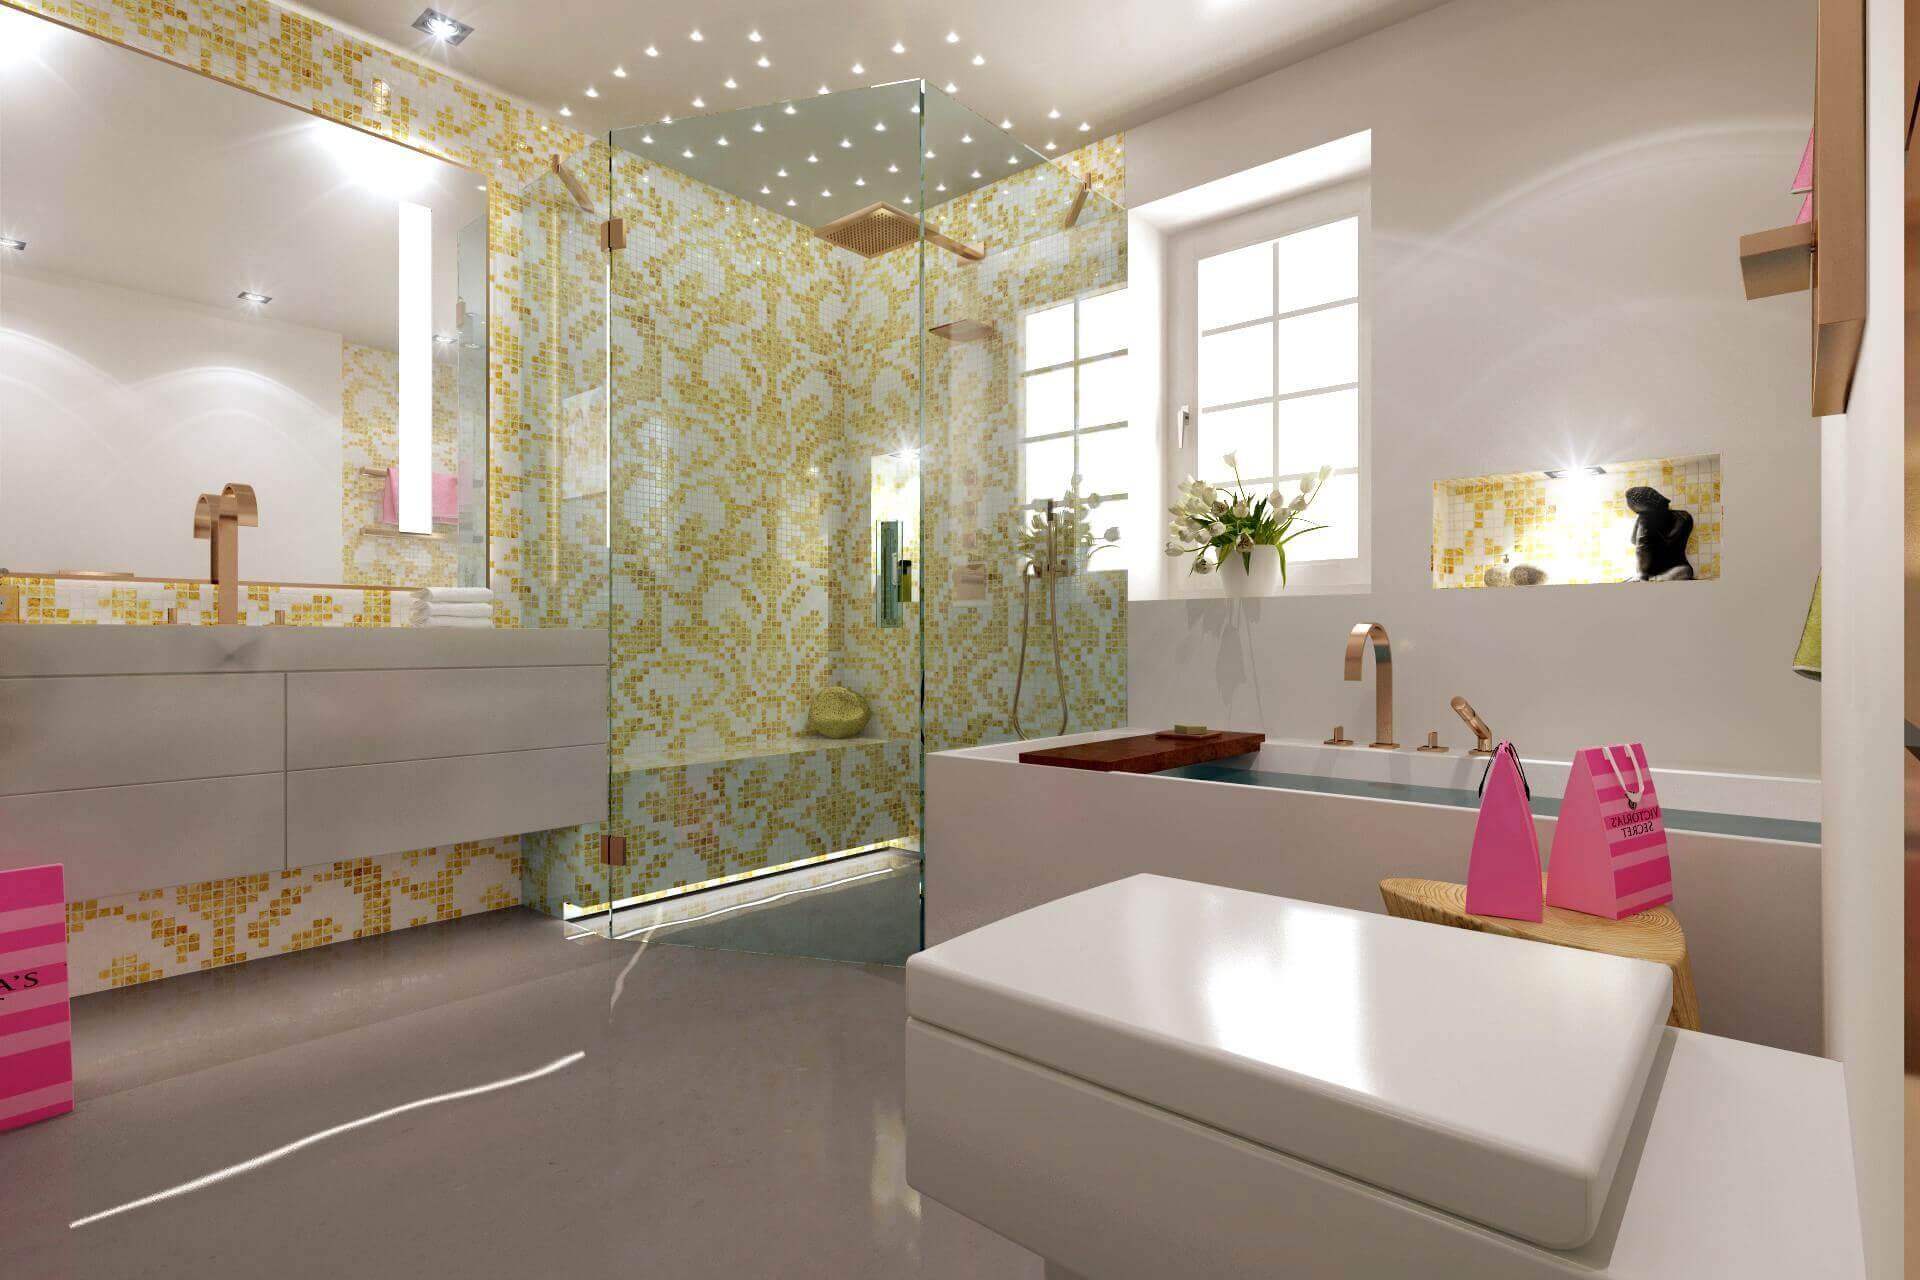 Kleine Bäder führen oft ein Schattendasein in vielen Wohnungen. Während das Gäste-WC trotz seiner begrenzten Ausmaße oft mit liebevoll ausgesuchten Dekorationselementen, wie Muscheln, Blumen oder abstrakter Kunst nach Premium Konzepten aus Wohnzeitschriften gestaltet wird, ist das kleine Badezimmer Design oft nur auf das wesentliche beschränkt: Eine kleine Dusche, ein winziger Waschtisch. Dies muss natürlich nicht sein! Eine Badrenovierung für ihr kleines Bad gemeinsam mit dem Profi für innovatives Bad Design von Torsten Müller bringt binnen weniger Wochen frischen Wind in Ihre vier Wände. Ob ausgefallene Interior-Konzepte mit einer ausführliche Bad-Beratung unter Berücksichtigung der räumlichen Verhältnisse in Ihrem Zuhause inklusive der vielen kleine Badezimmer Ideen realisieren wir binnen kürzester Zeit Ihren Traum von einer Luxus Badgestaltung.